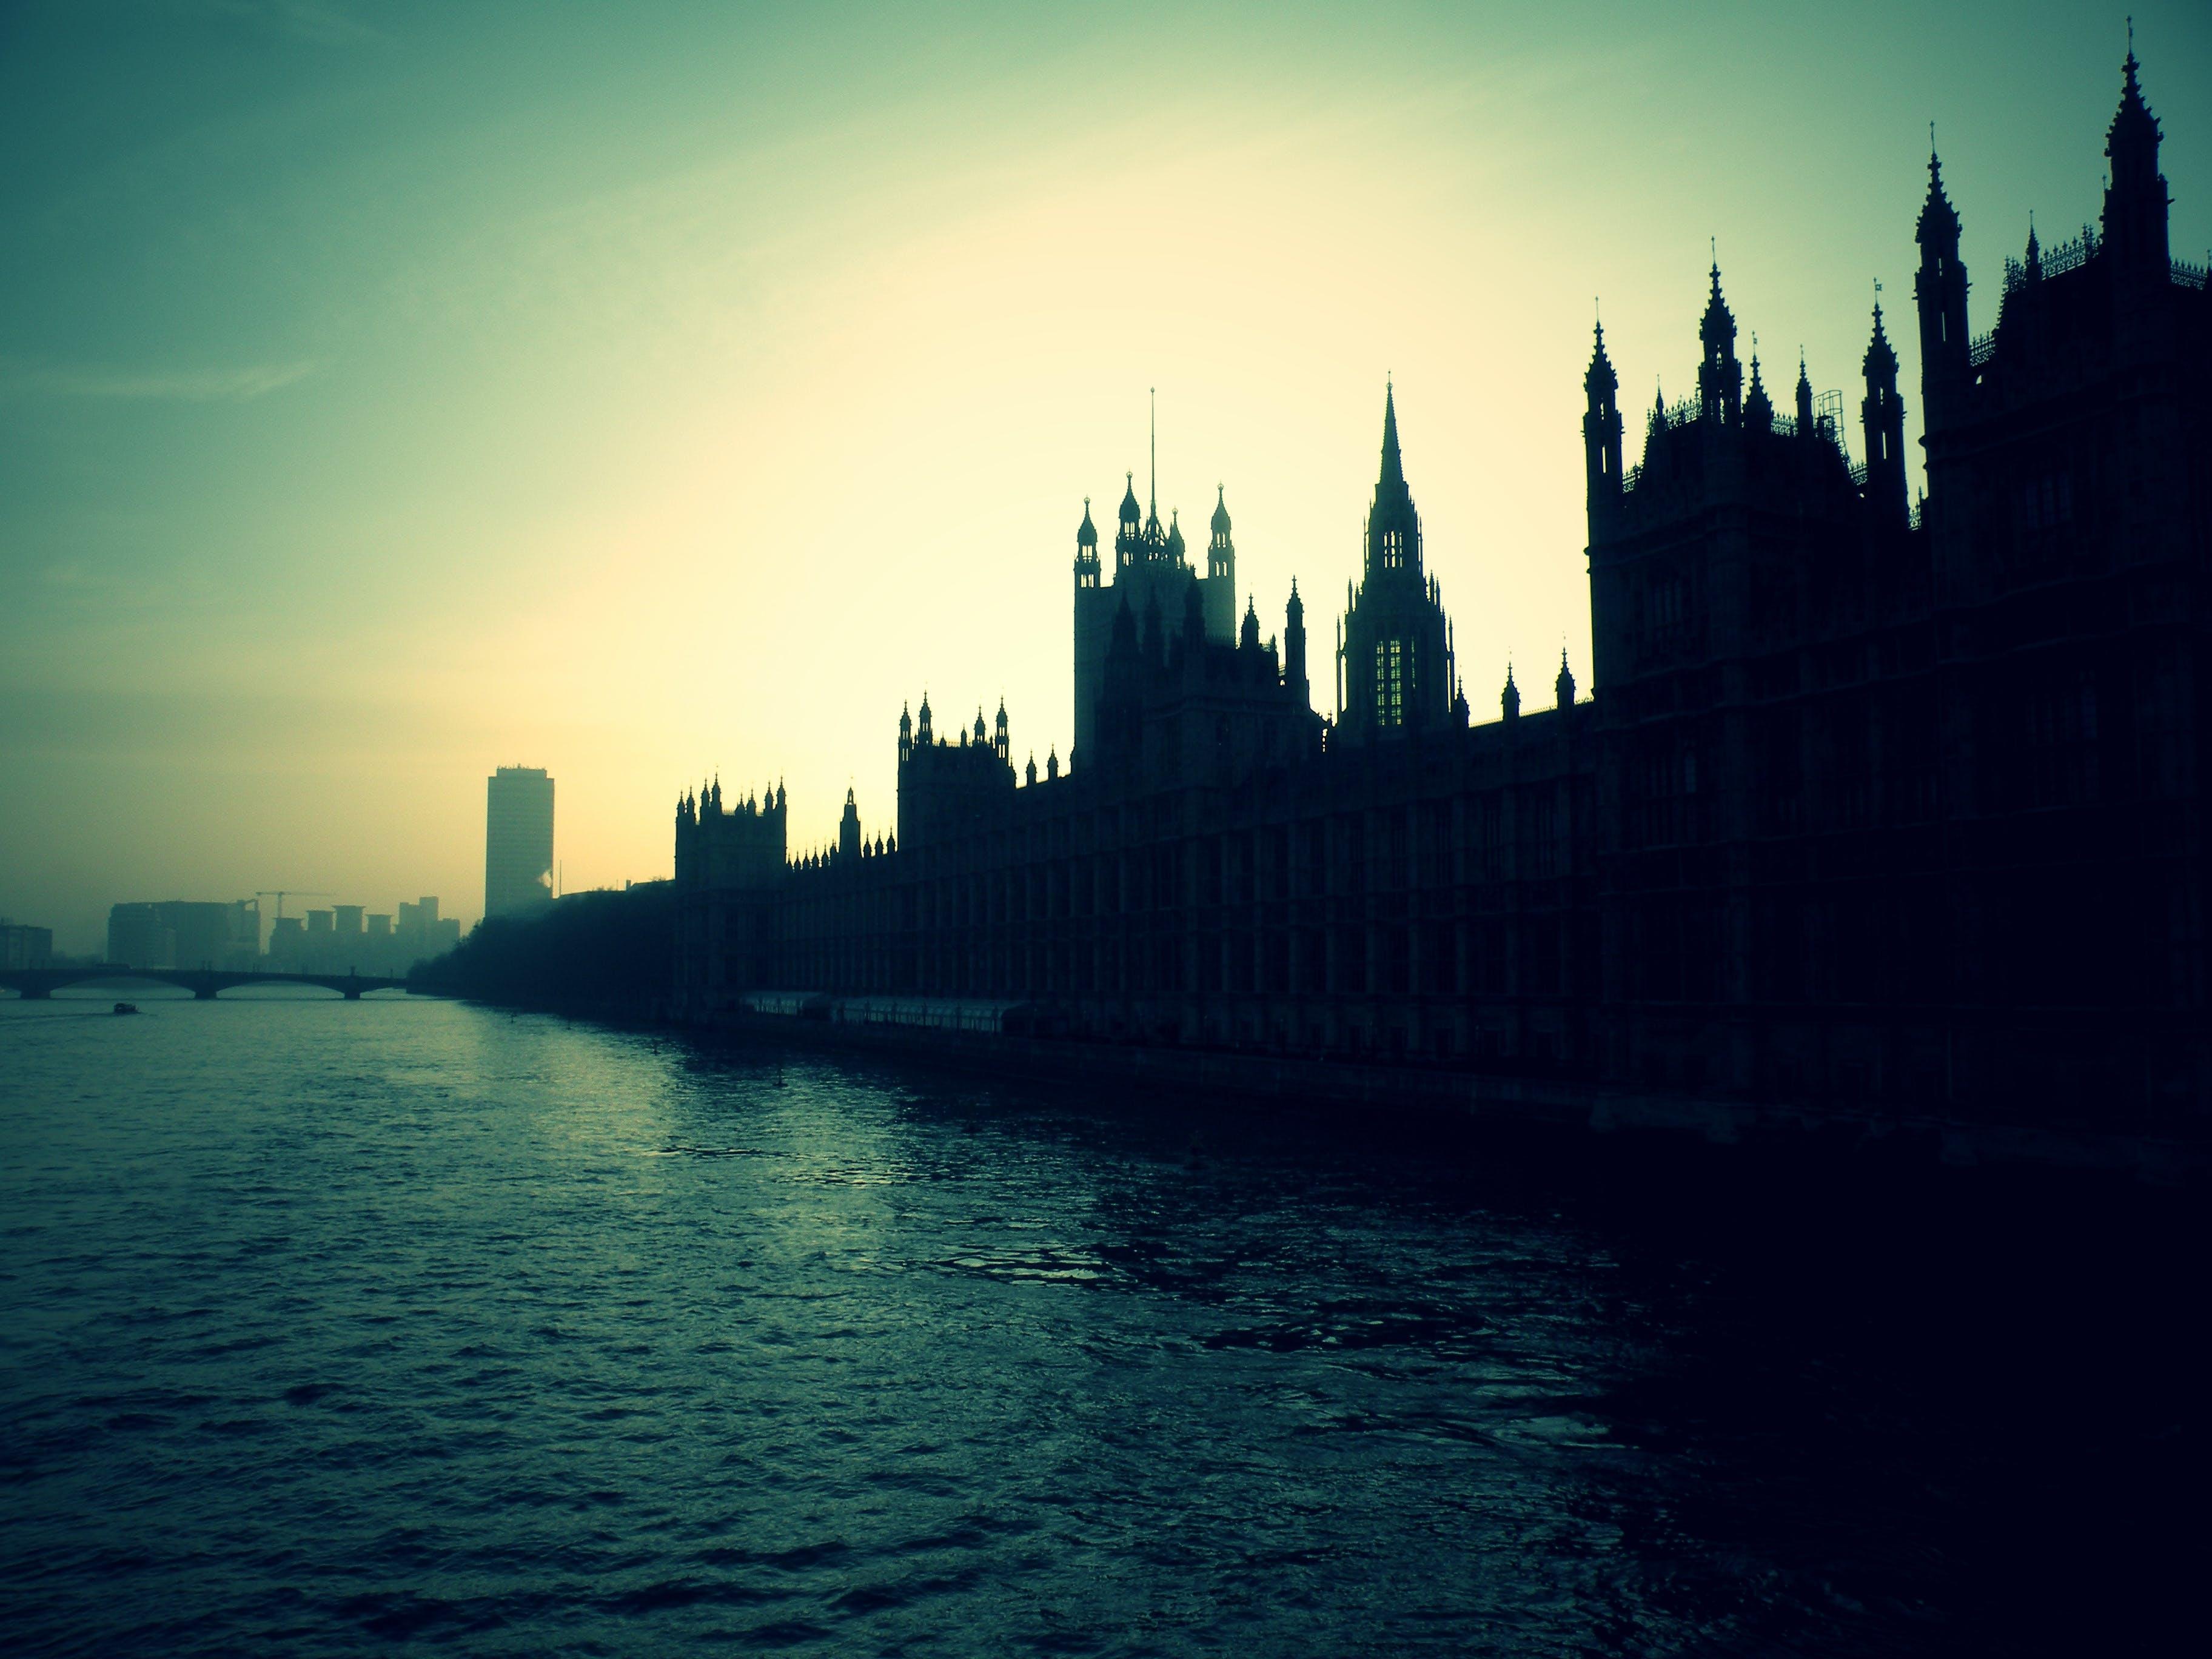 Kostnadsfri bild av arkitektur, byggnad, gryning, london